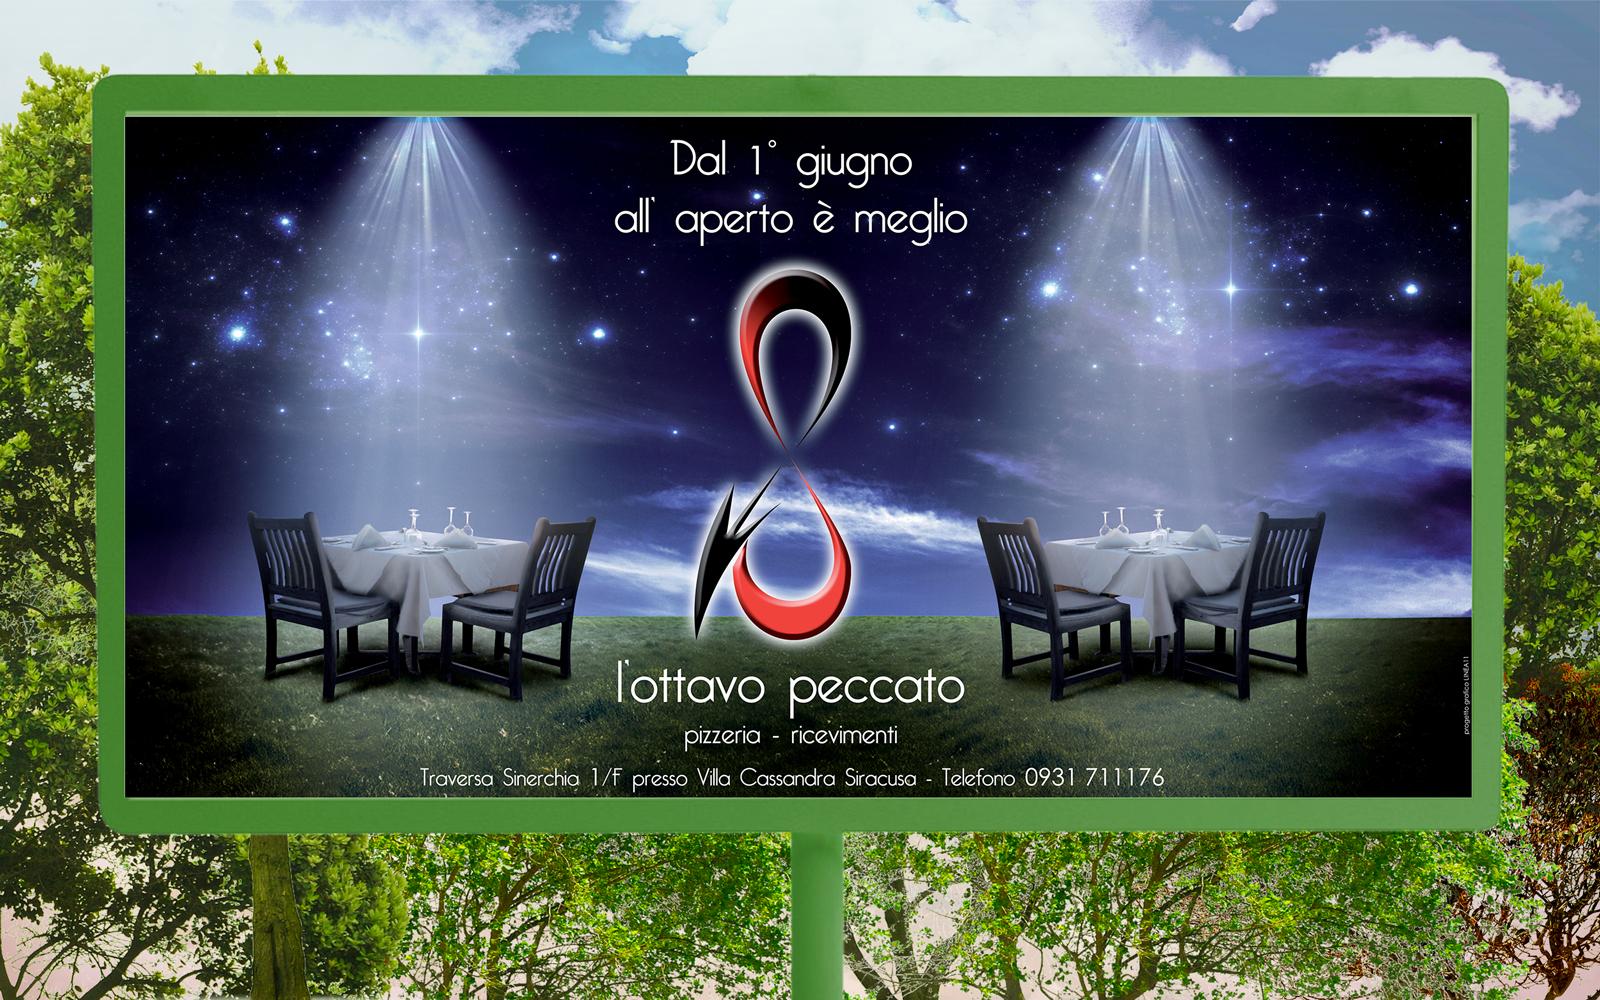 2014 L'OTTAVO PECCATO - Linea 11 Siracusa - Comunicazione, adv, pubblicità, video